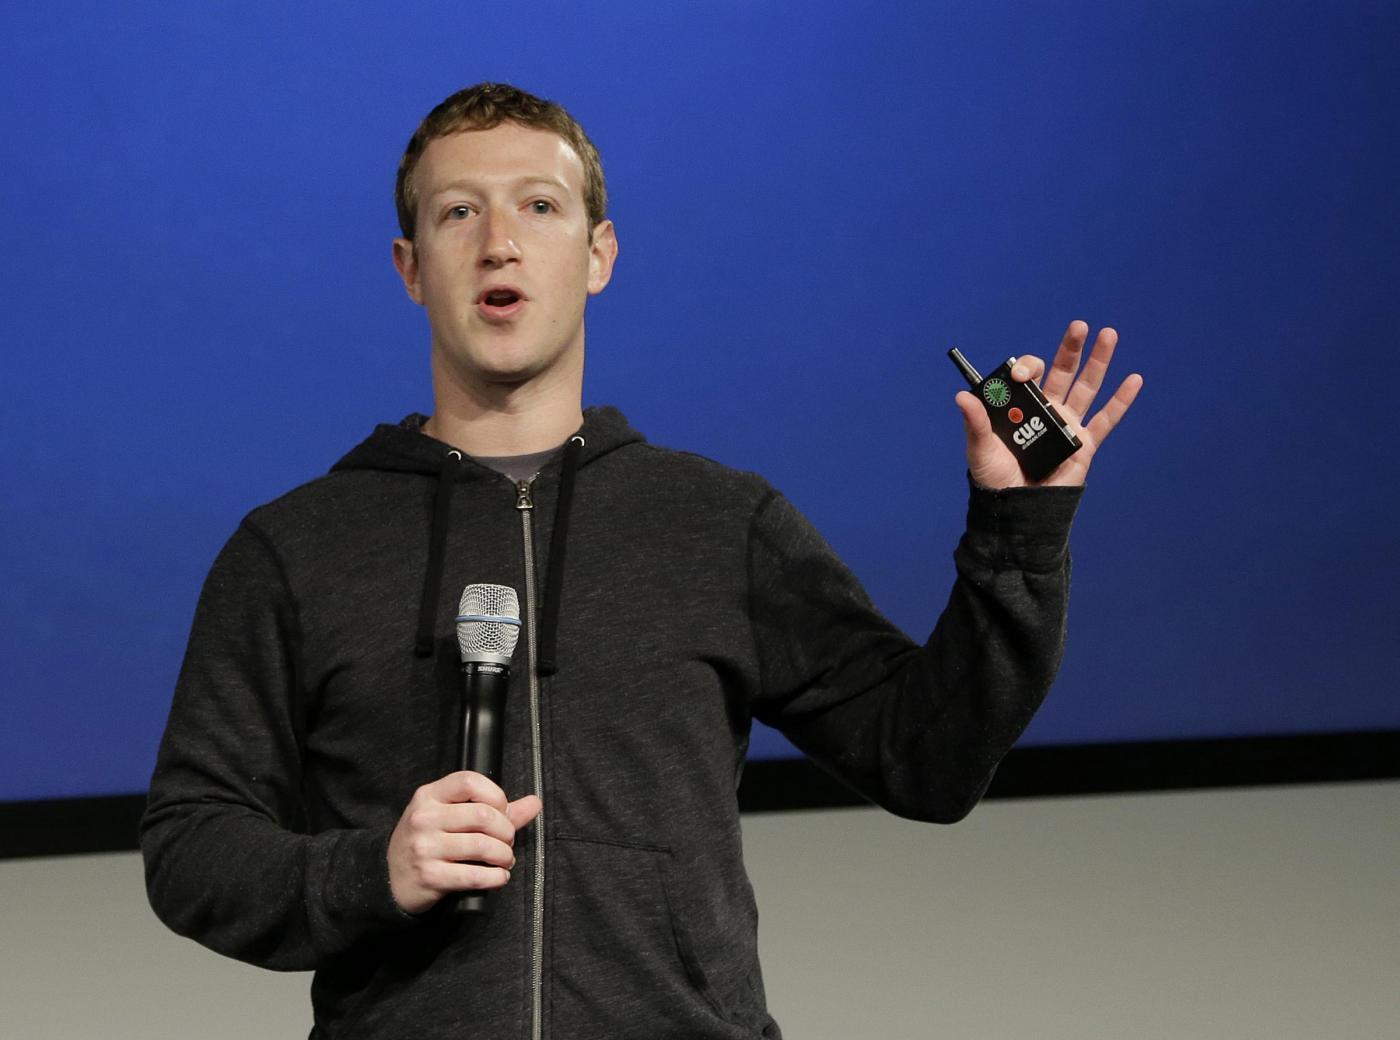 Mark Zuckerberg: stipendio di 1 dollaro da Facebook [VIDEO]